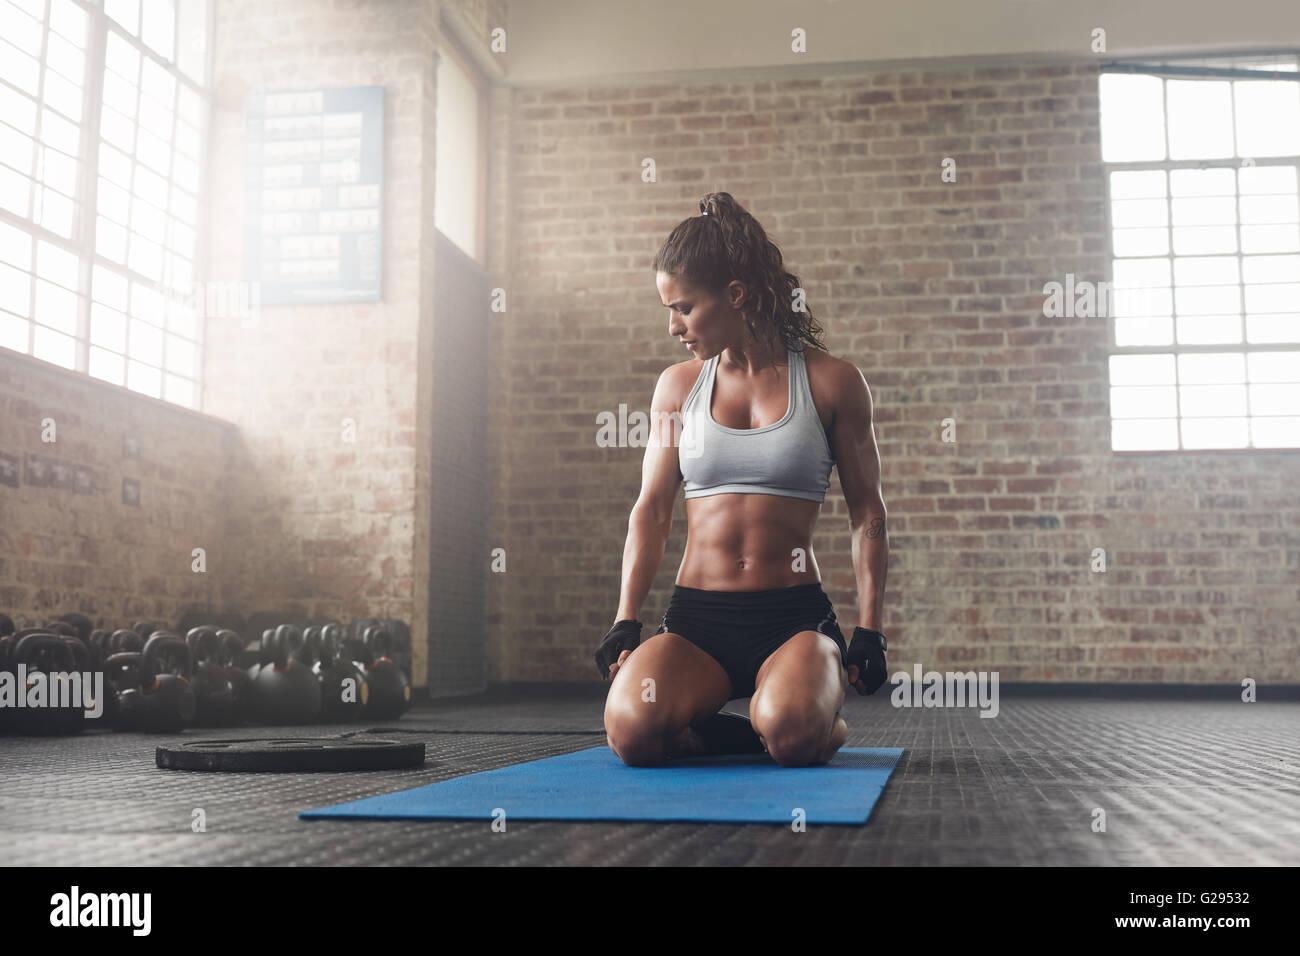 Filmación en interiores de aptitud joven sentado en la estera del yoga en el gimnasio. Musculoso joven atleta Imagen De Stock